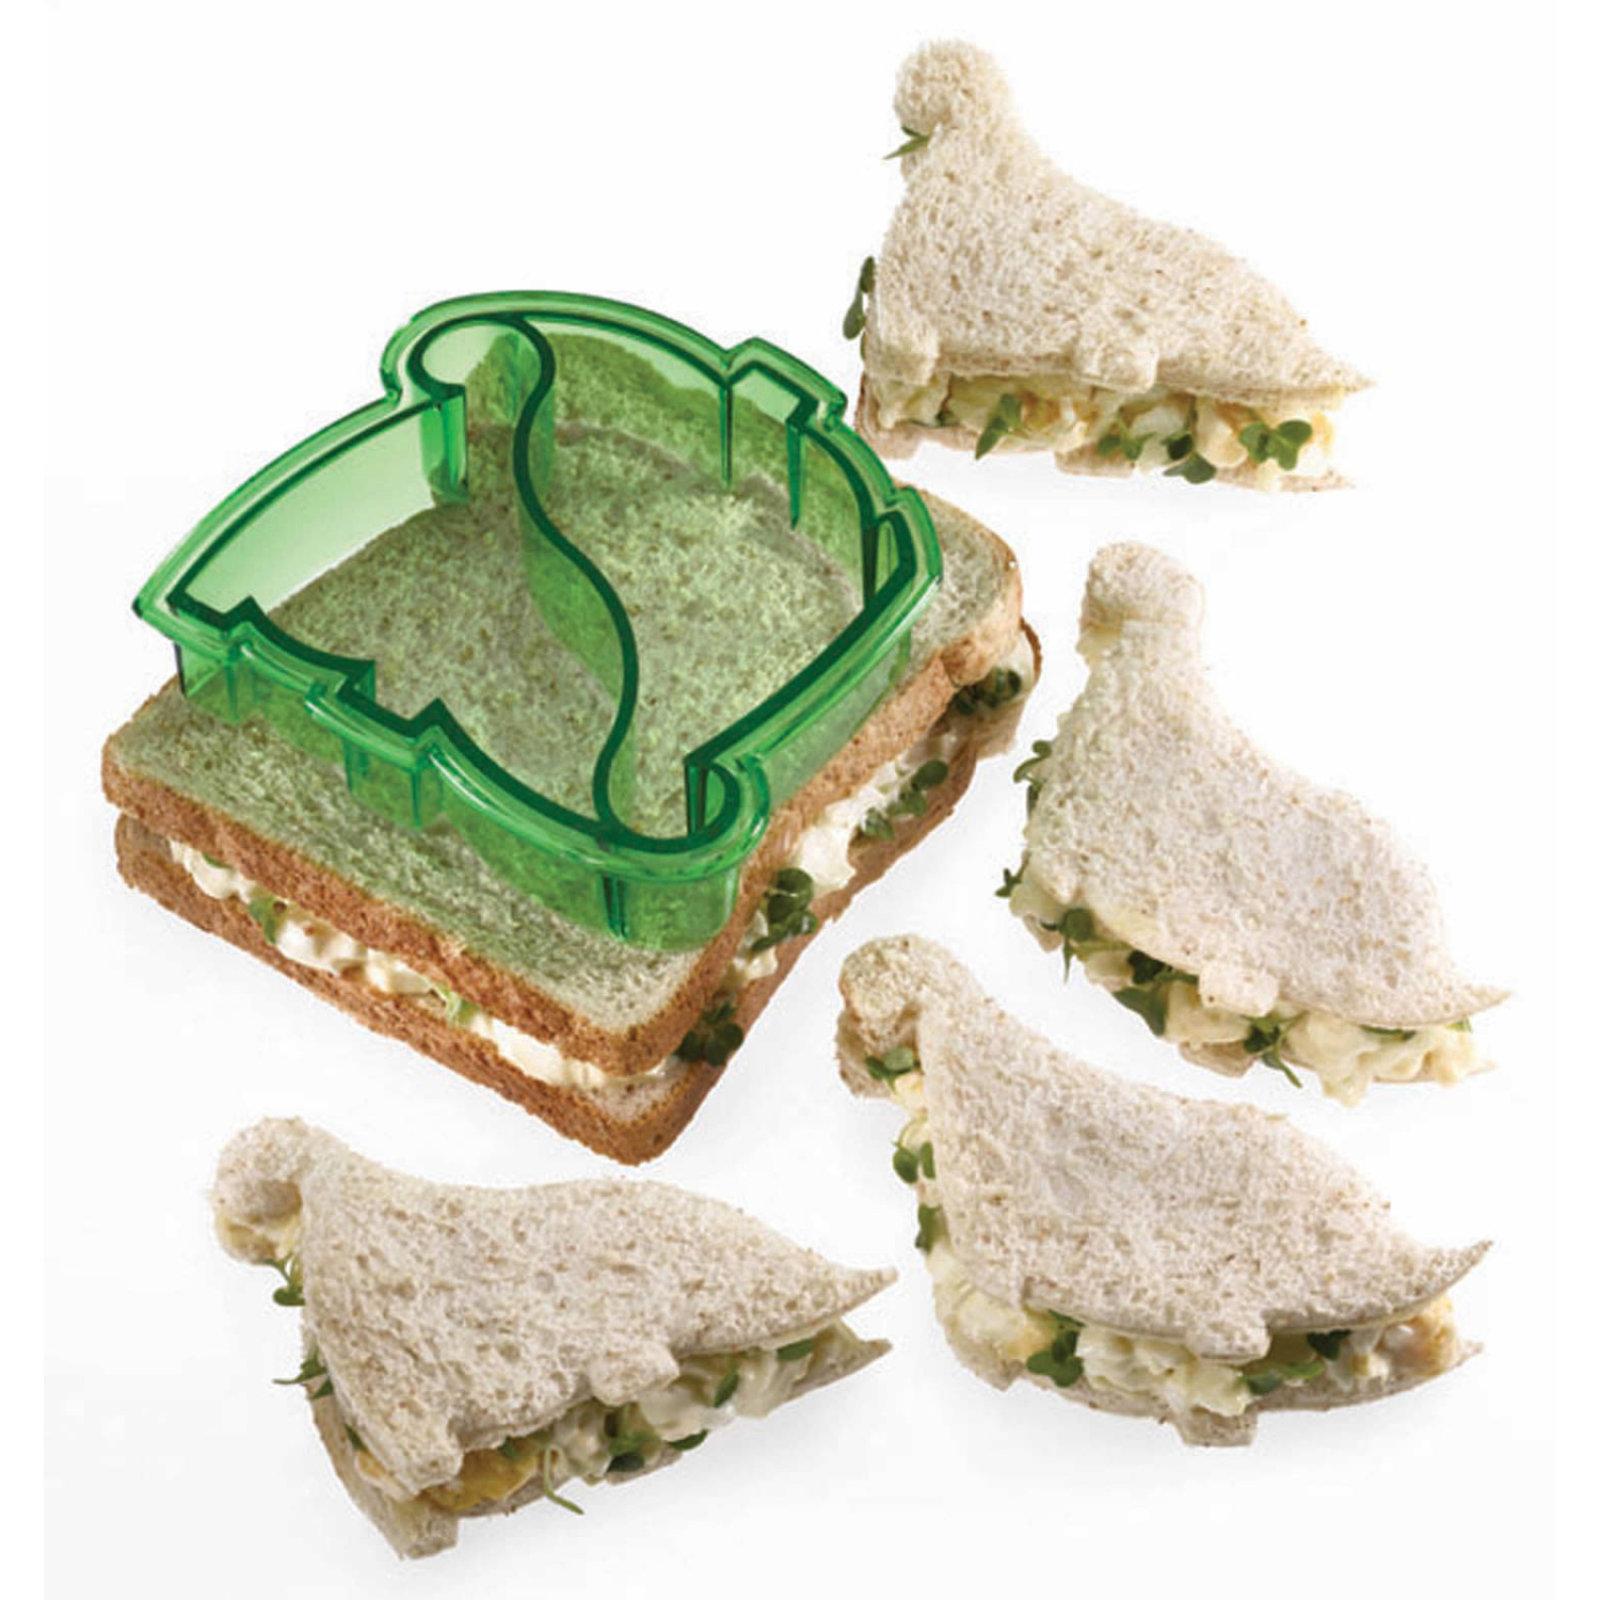 dino sandwich schneider toastbrot ausstecher der ideen. Black Bedroom Furniture Sets. Home Design Ideas